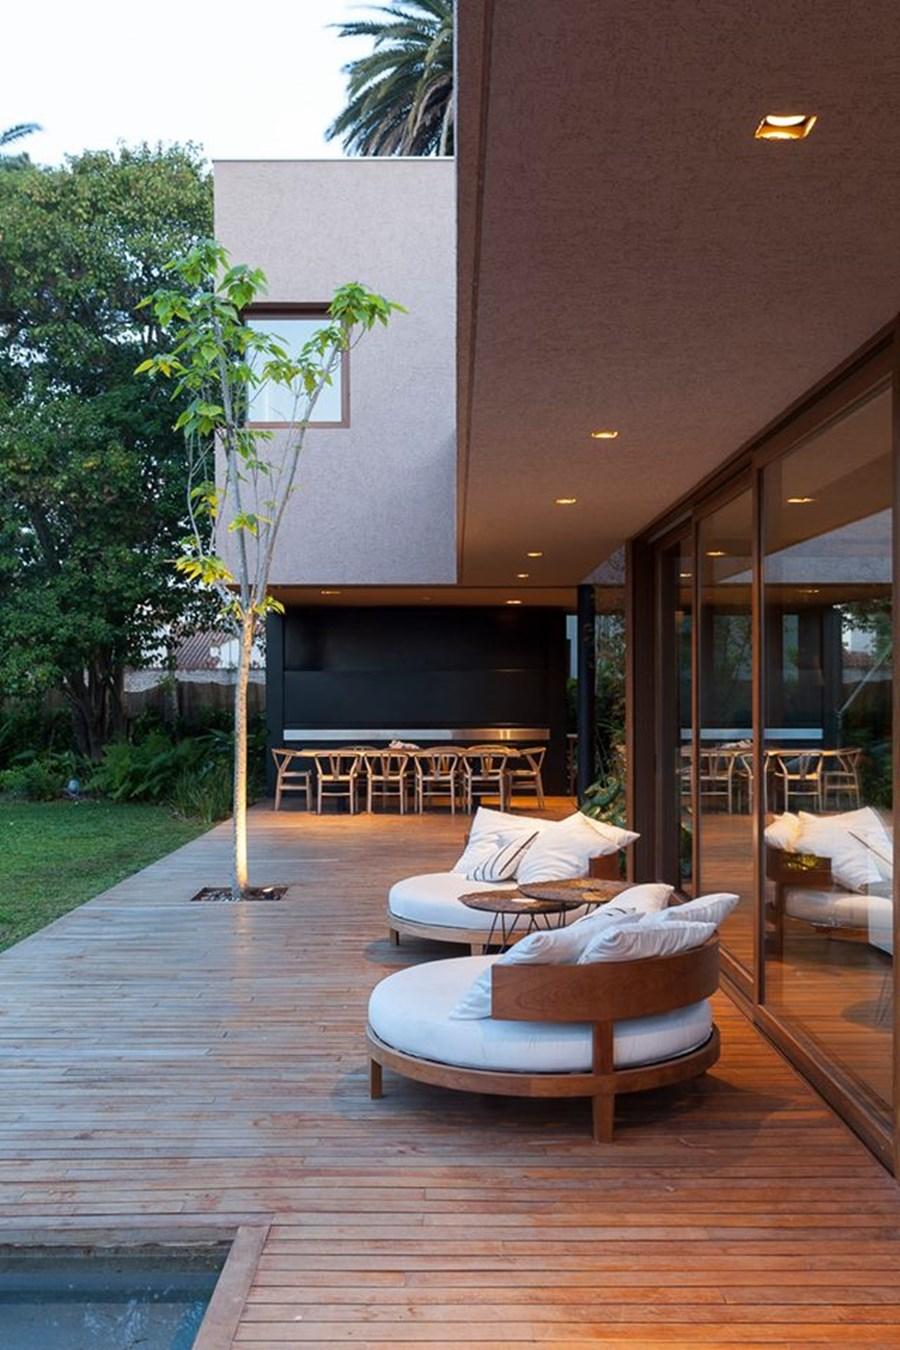 Casa Mirasoles by Andres Fernandez Abadie 04